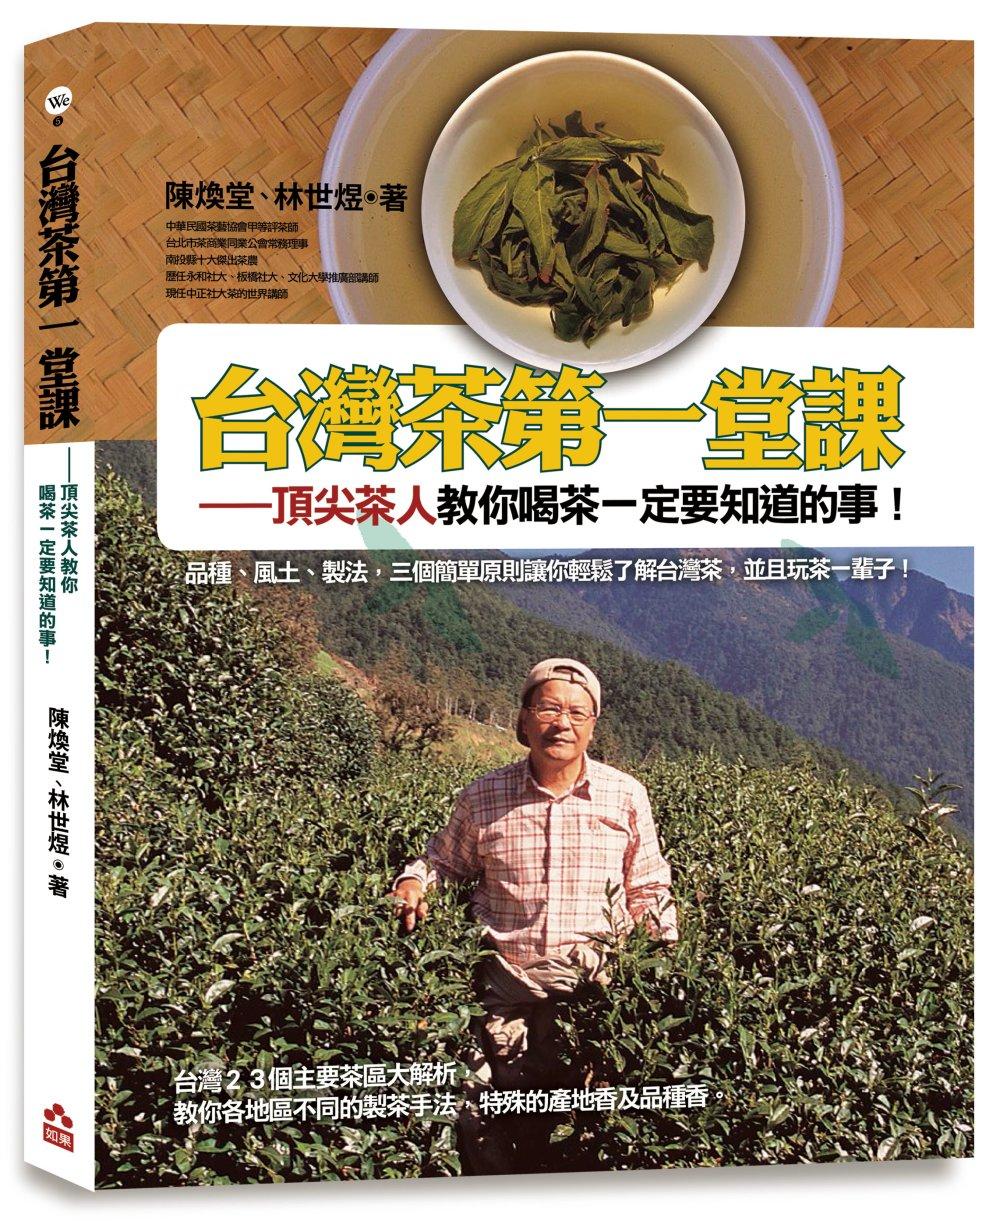 臺灣茶第一堂課:頂尖茶人教你喝茶一定要知道的事!